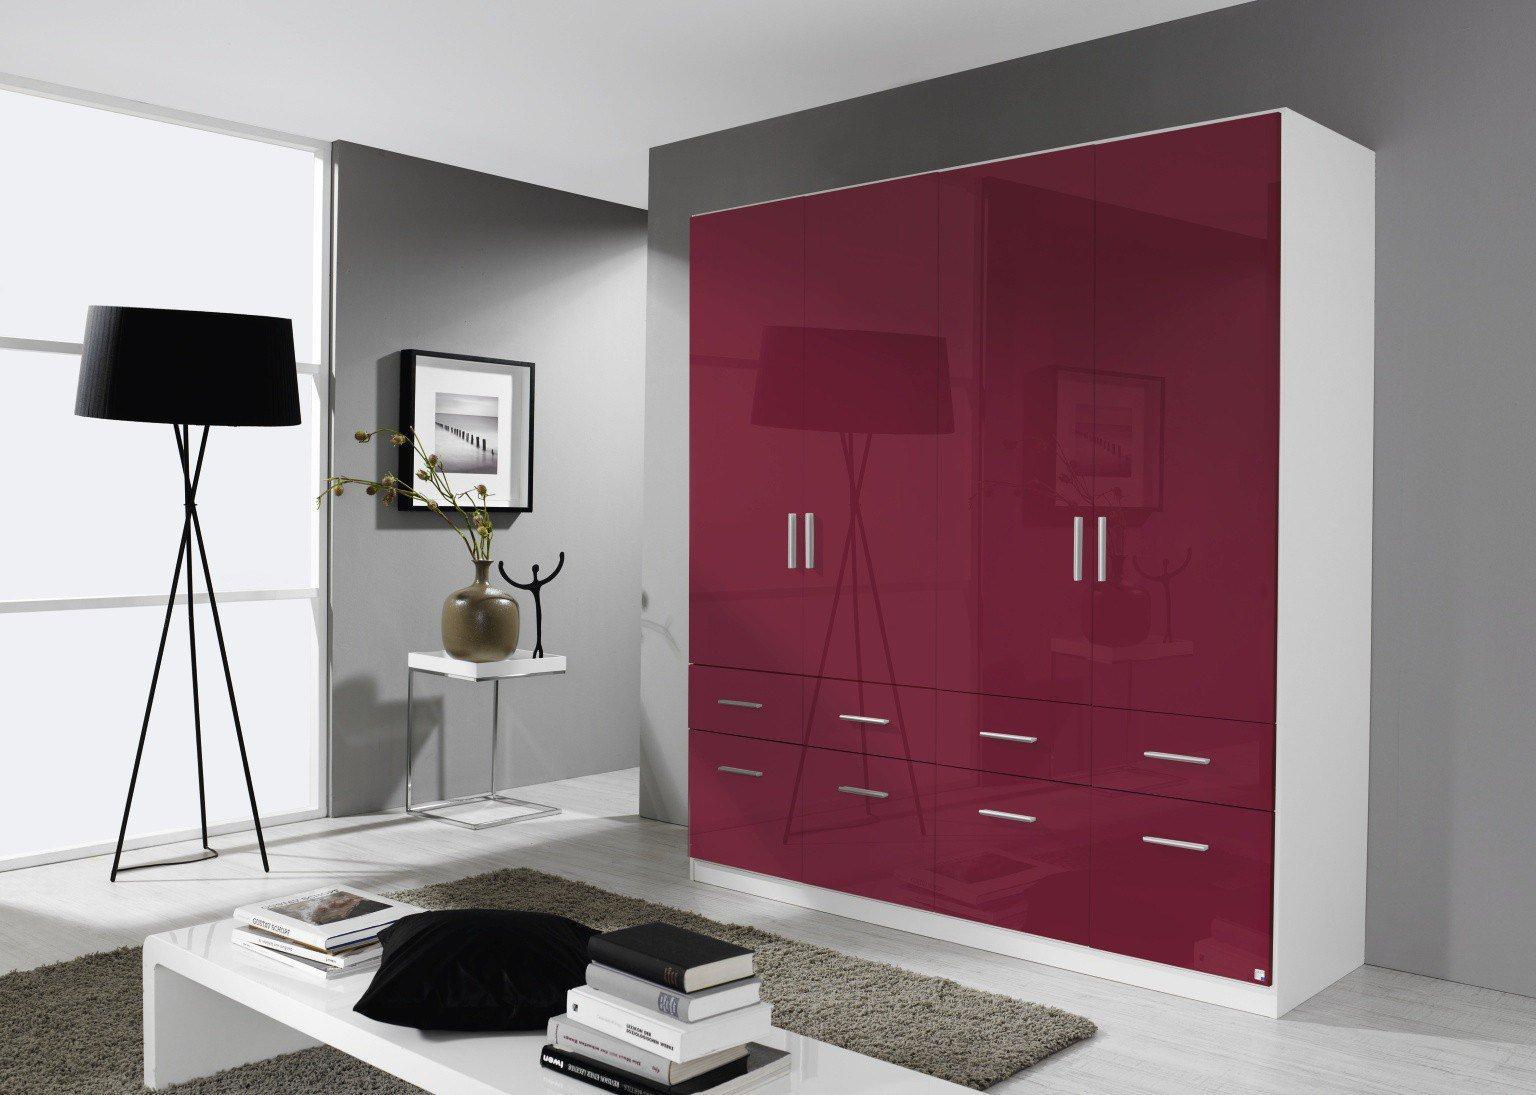 rauch kleiderschrank rauch kleiderschrank schlafzimmer rauch kleiderschrank system deutsche. Black Bedroom Furniture Sets. Home Design Ideas